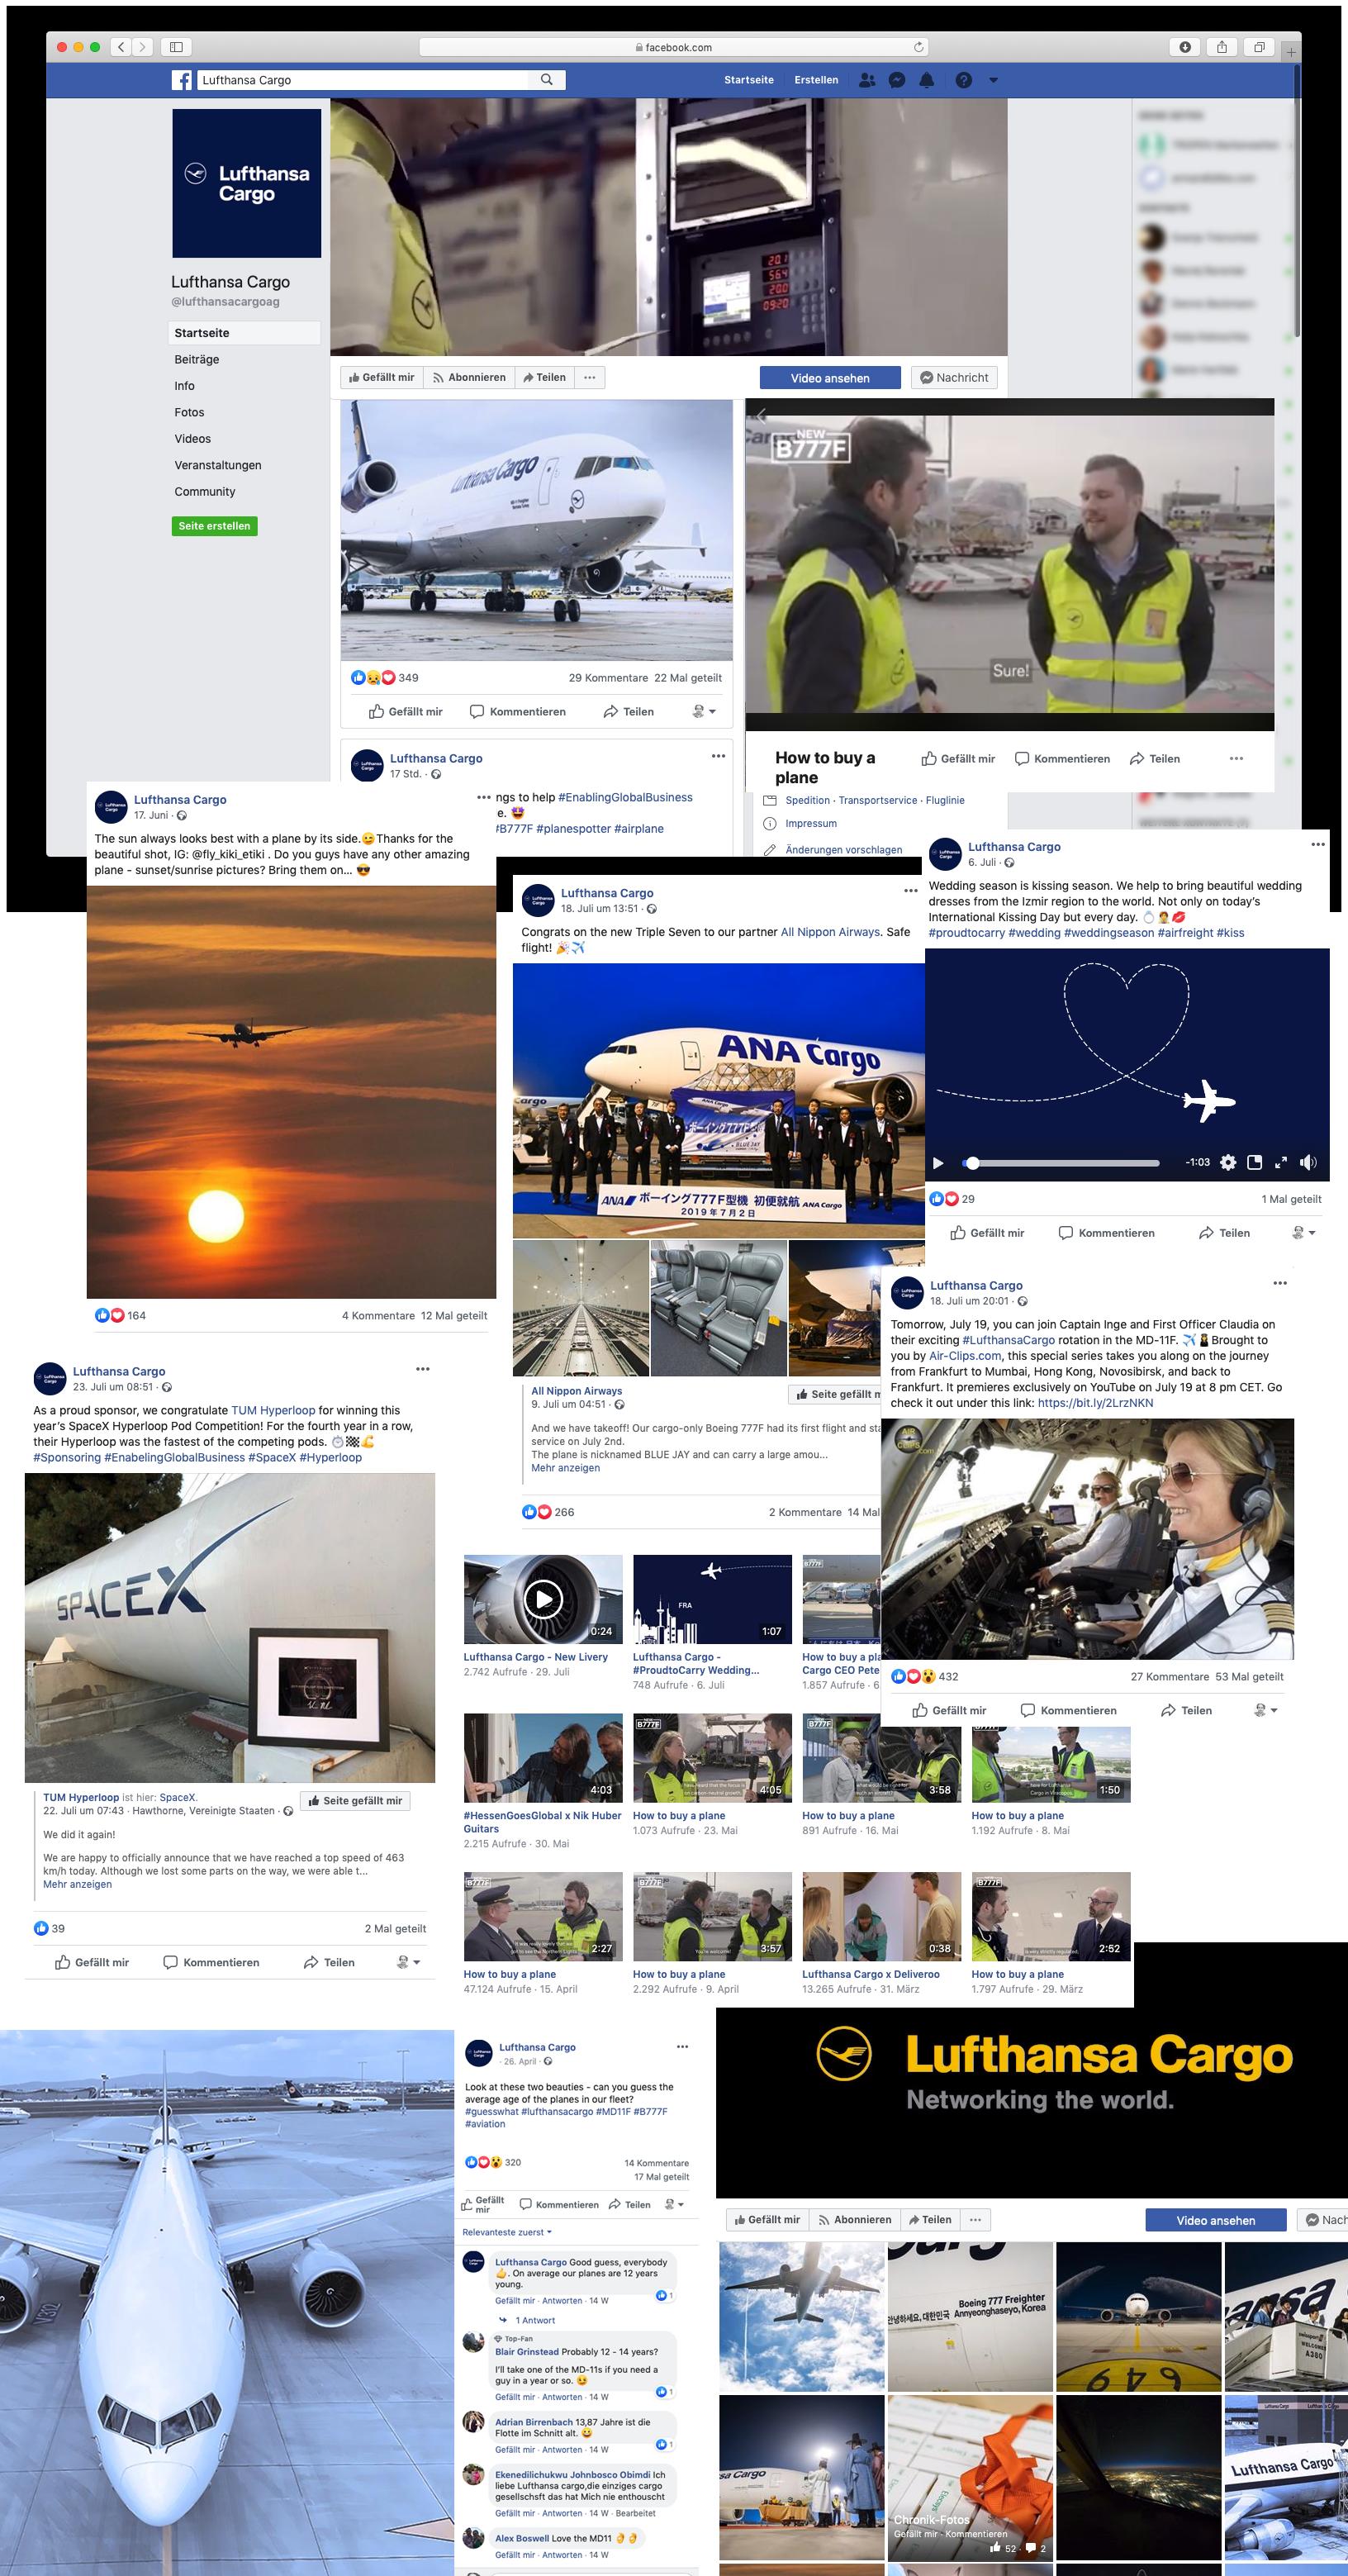 Lufthansa_Cargo_Facebook_TROPEN.png